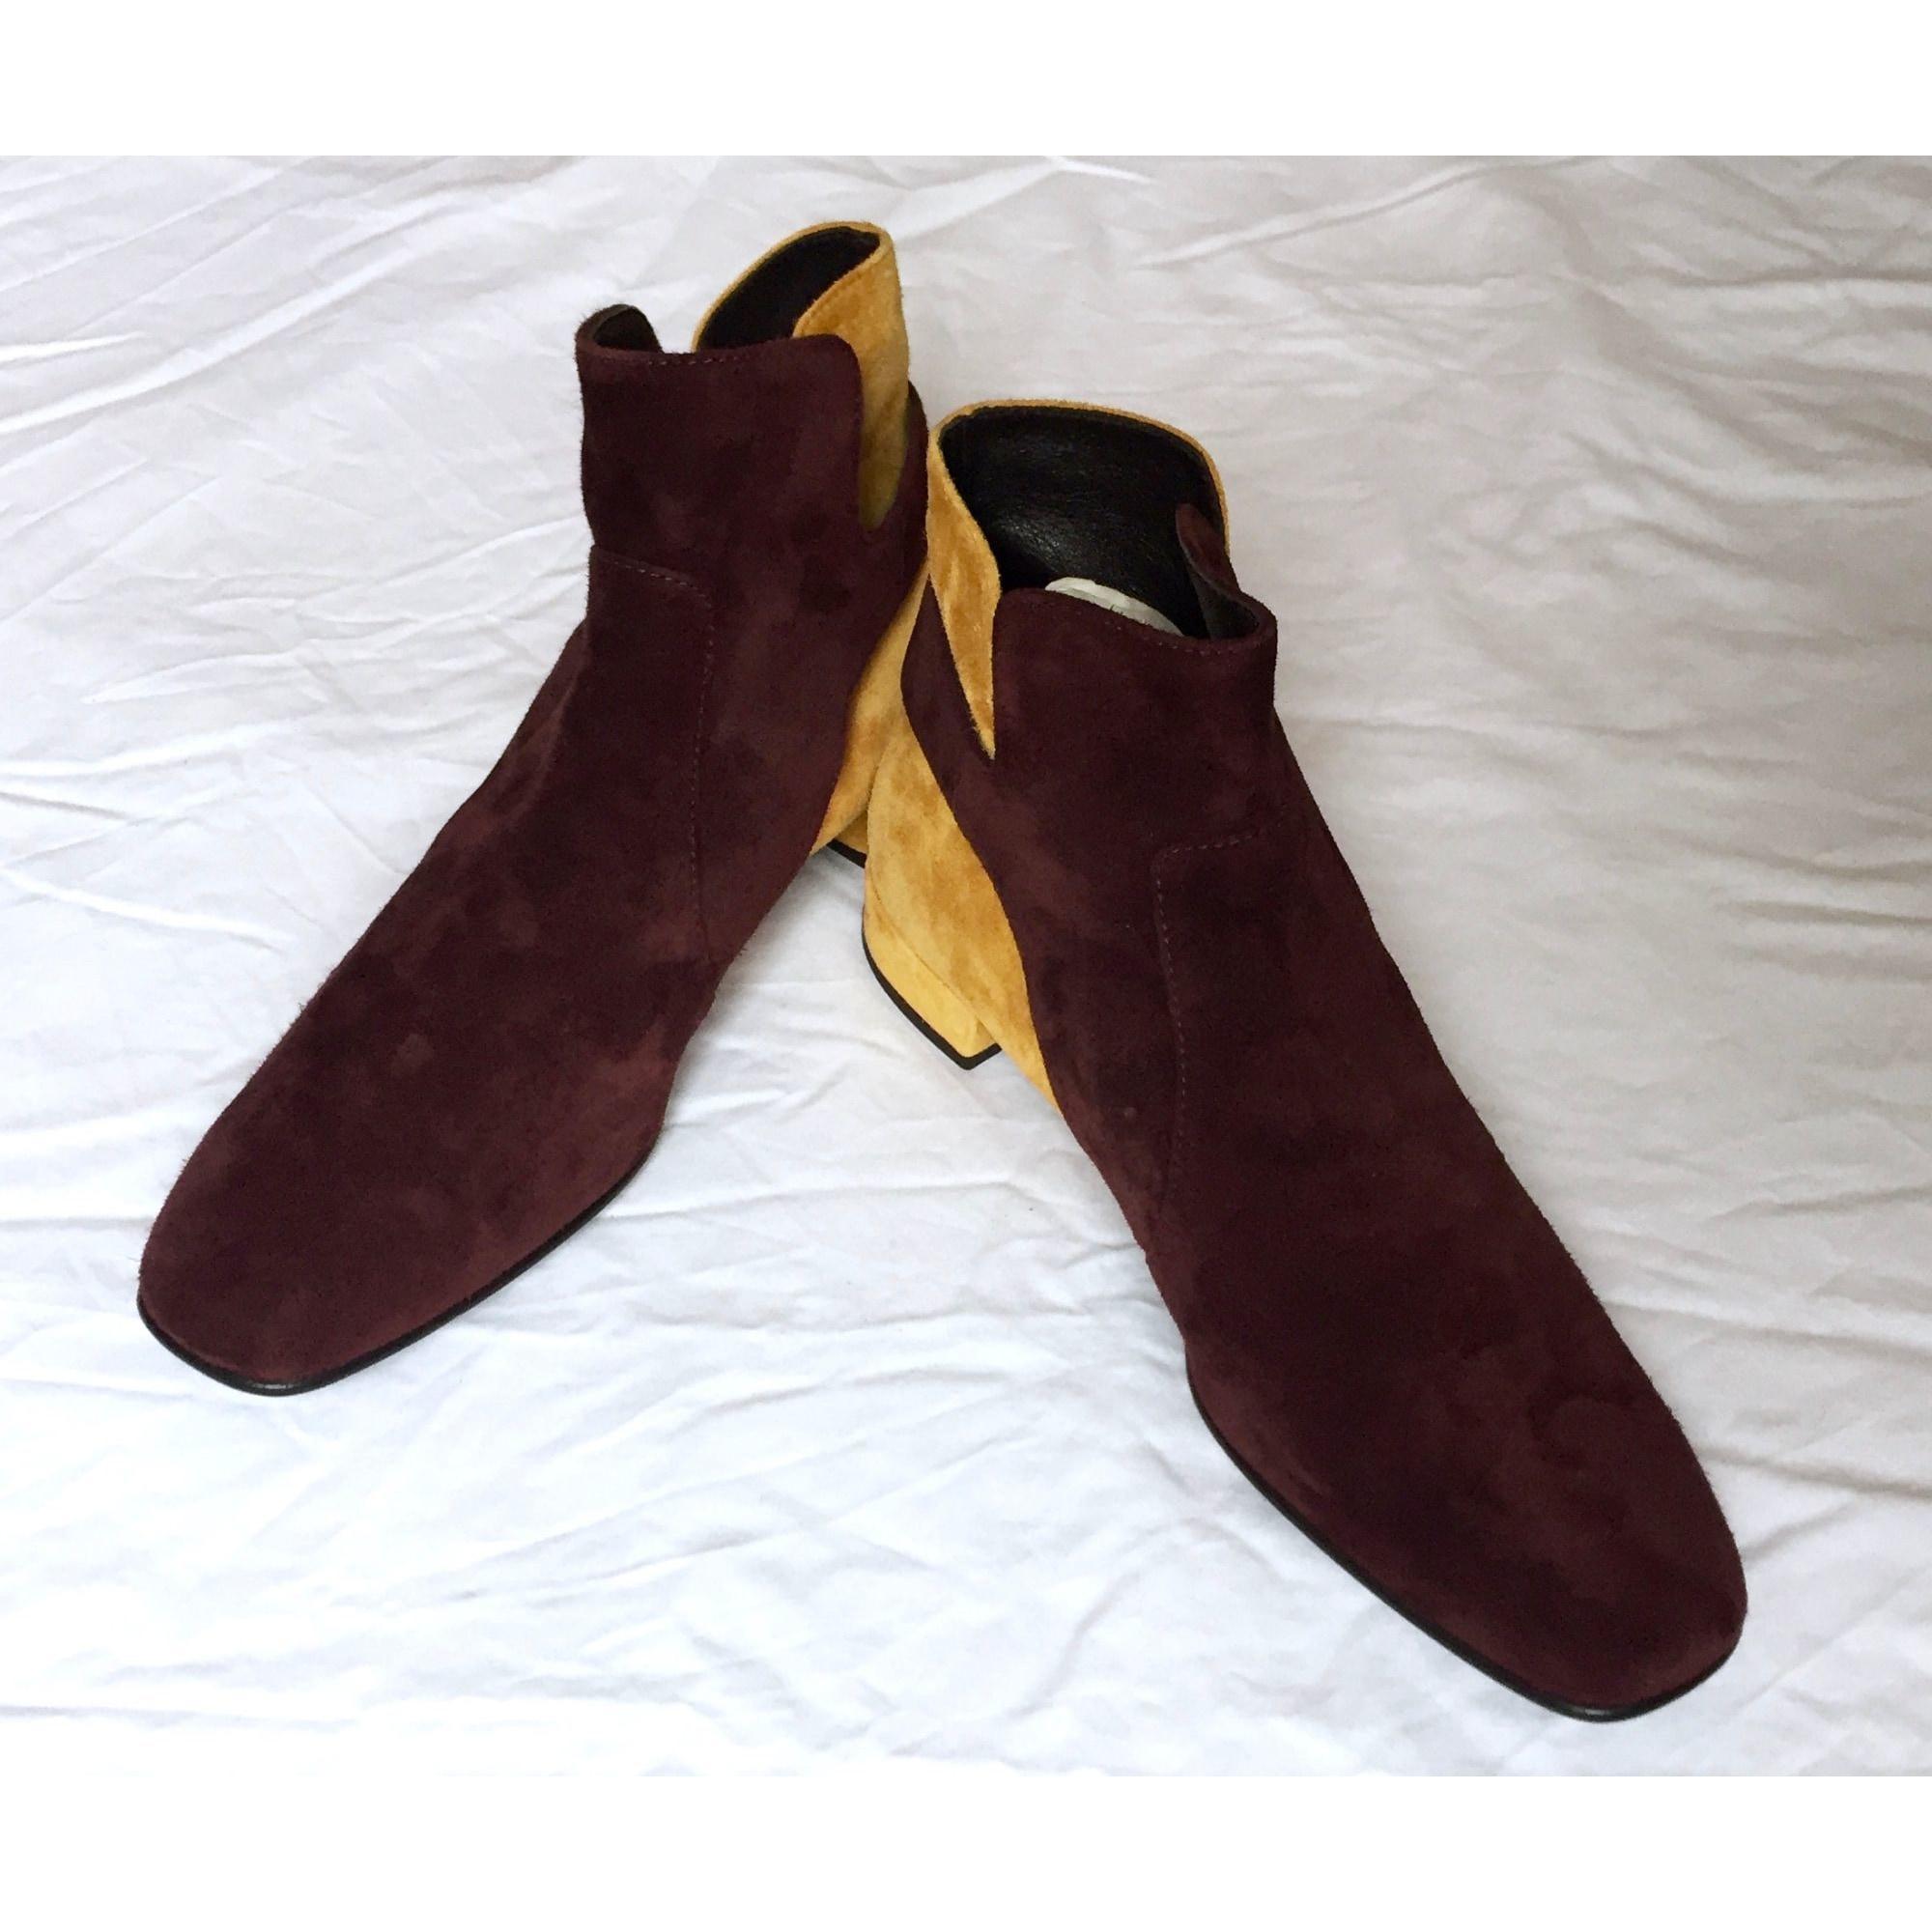 Bottines & low boots motards daim multicolore Roger Vivier